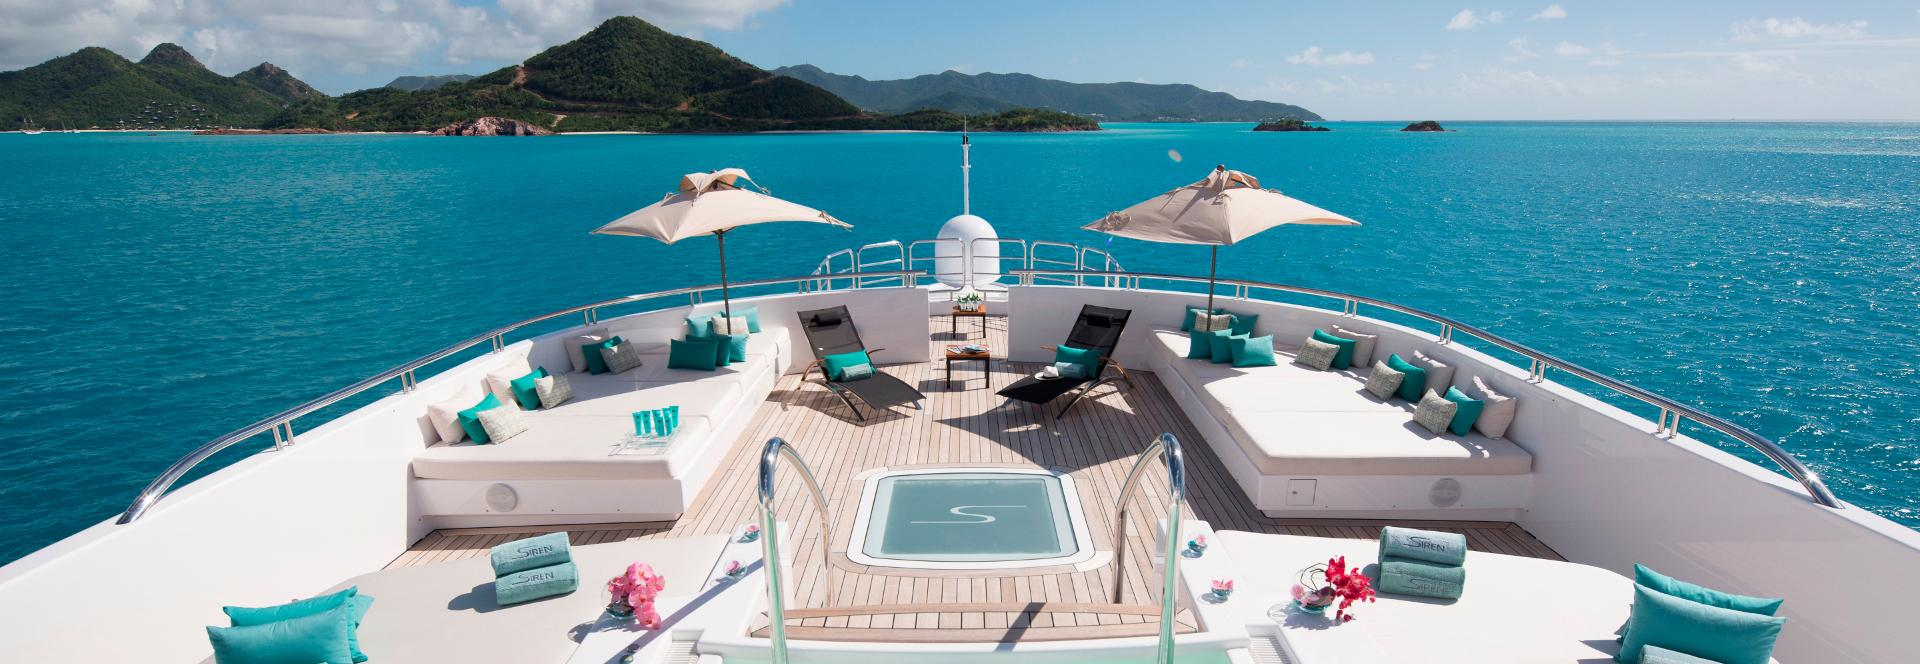 Noleggio yacht di lusso